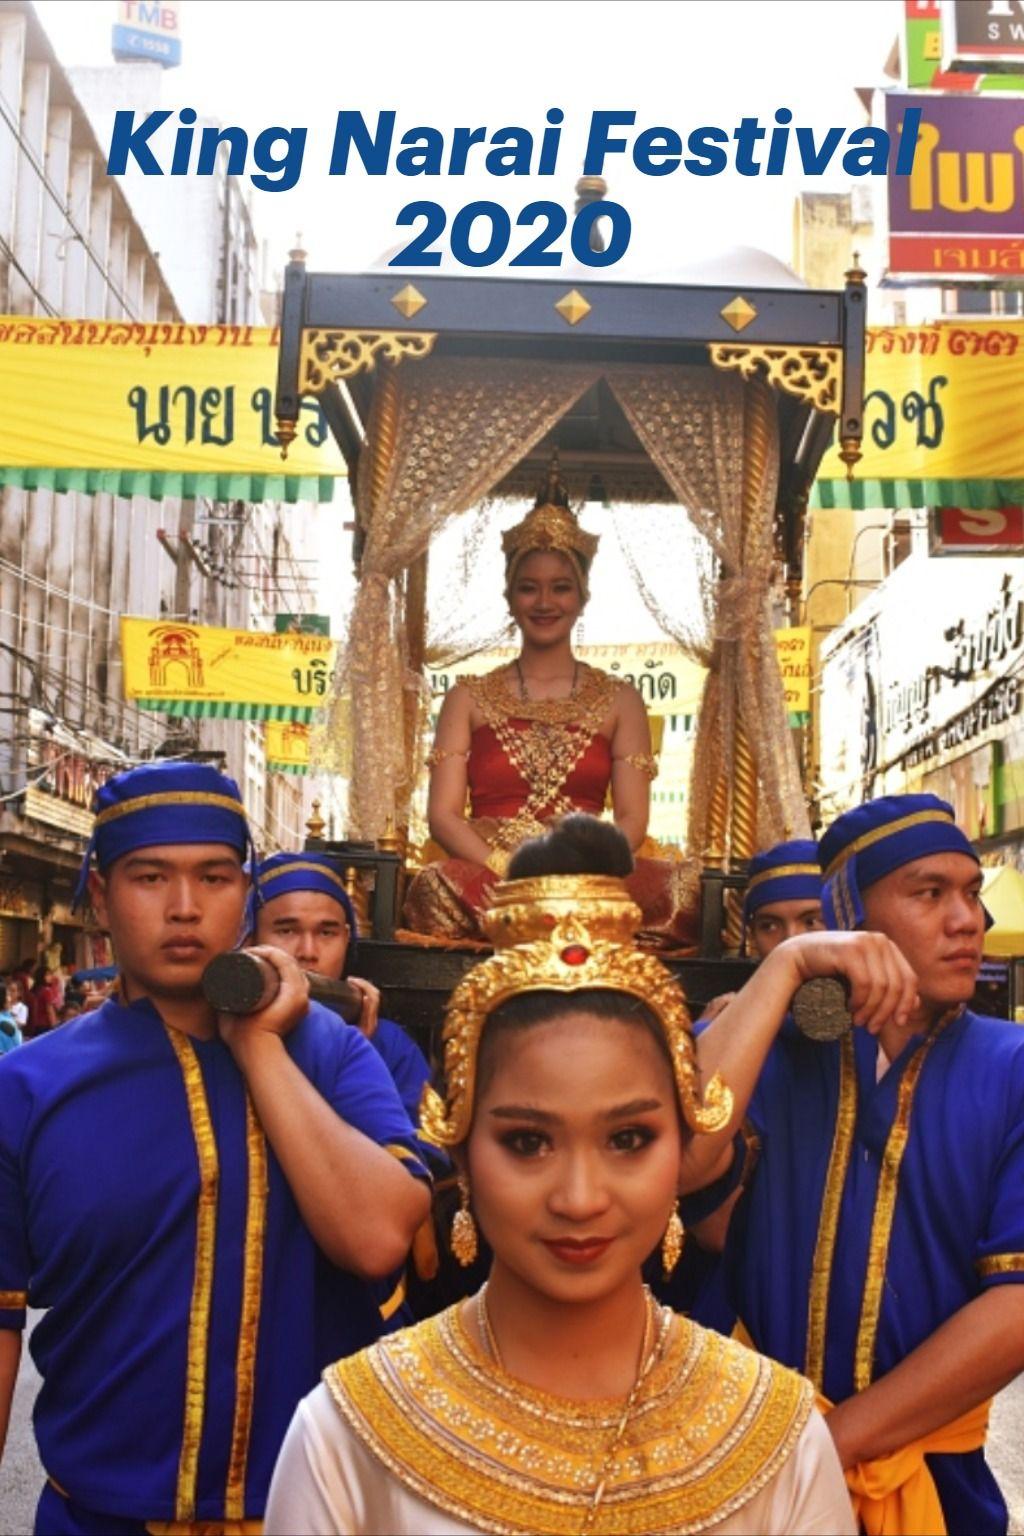 King Narai Fair ในปี 2020